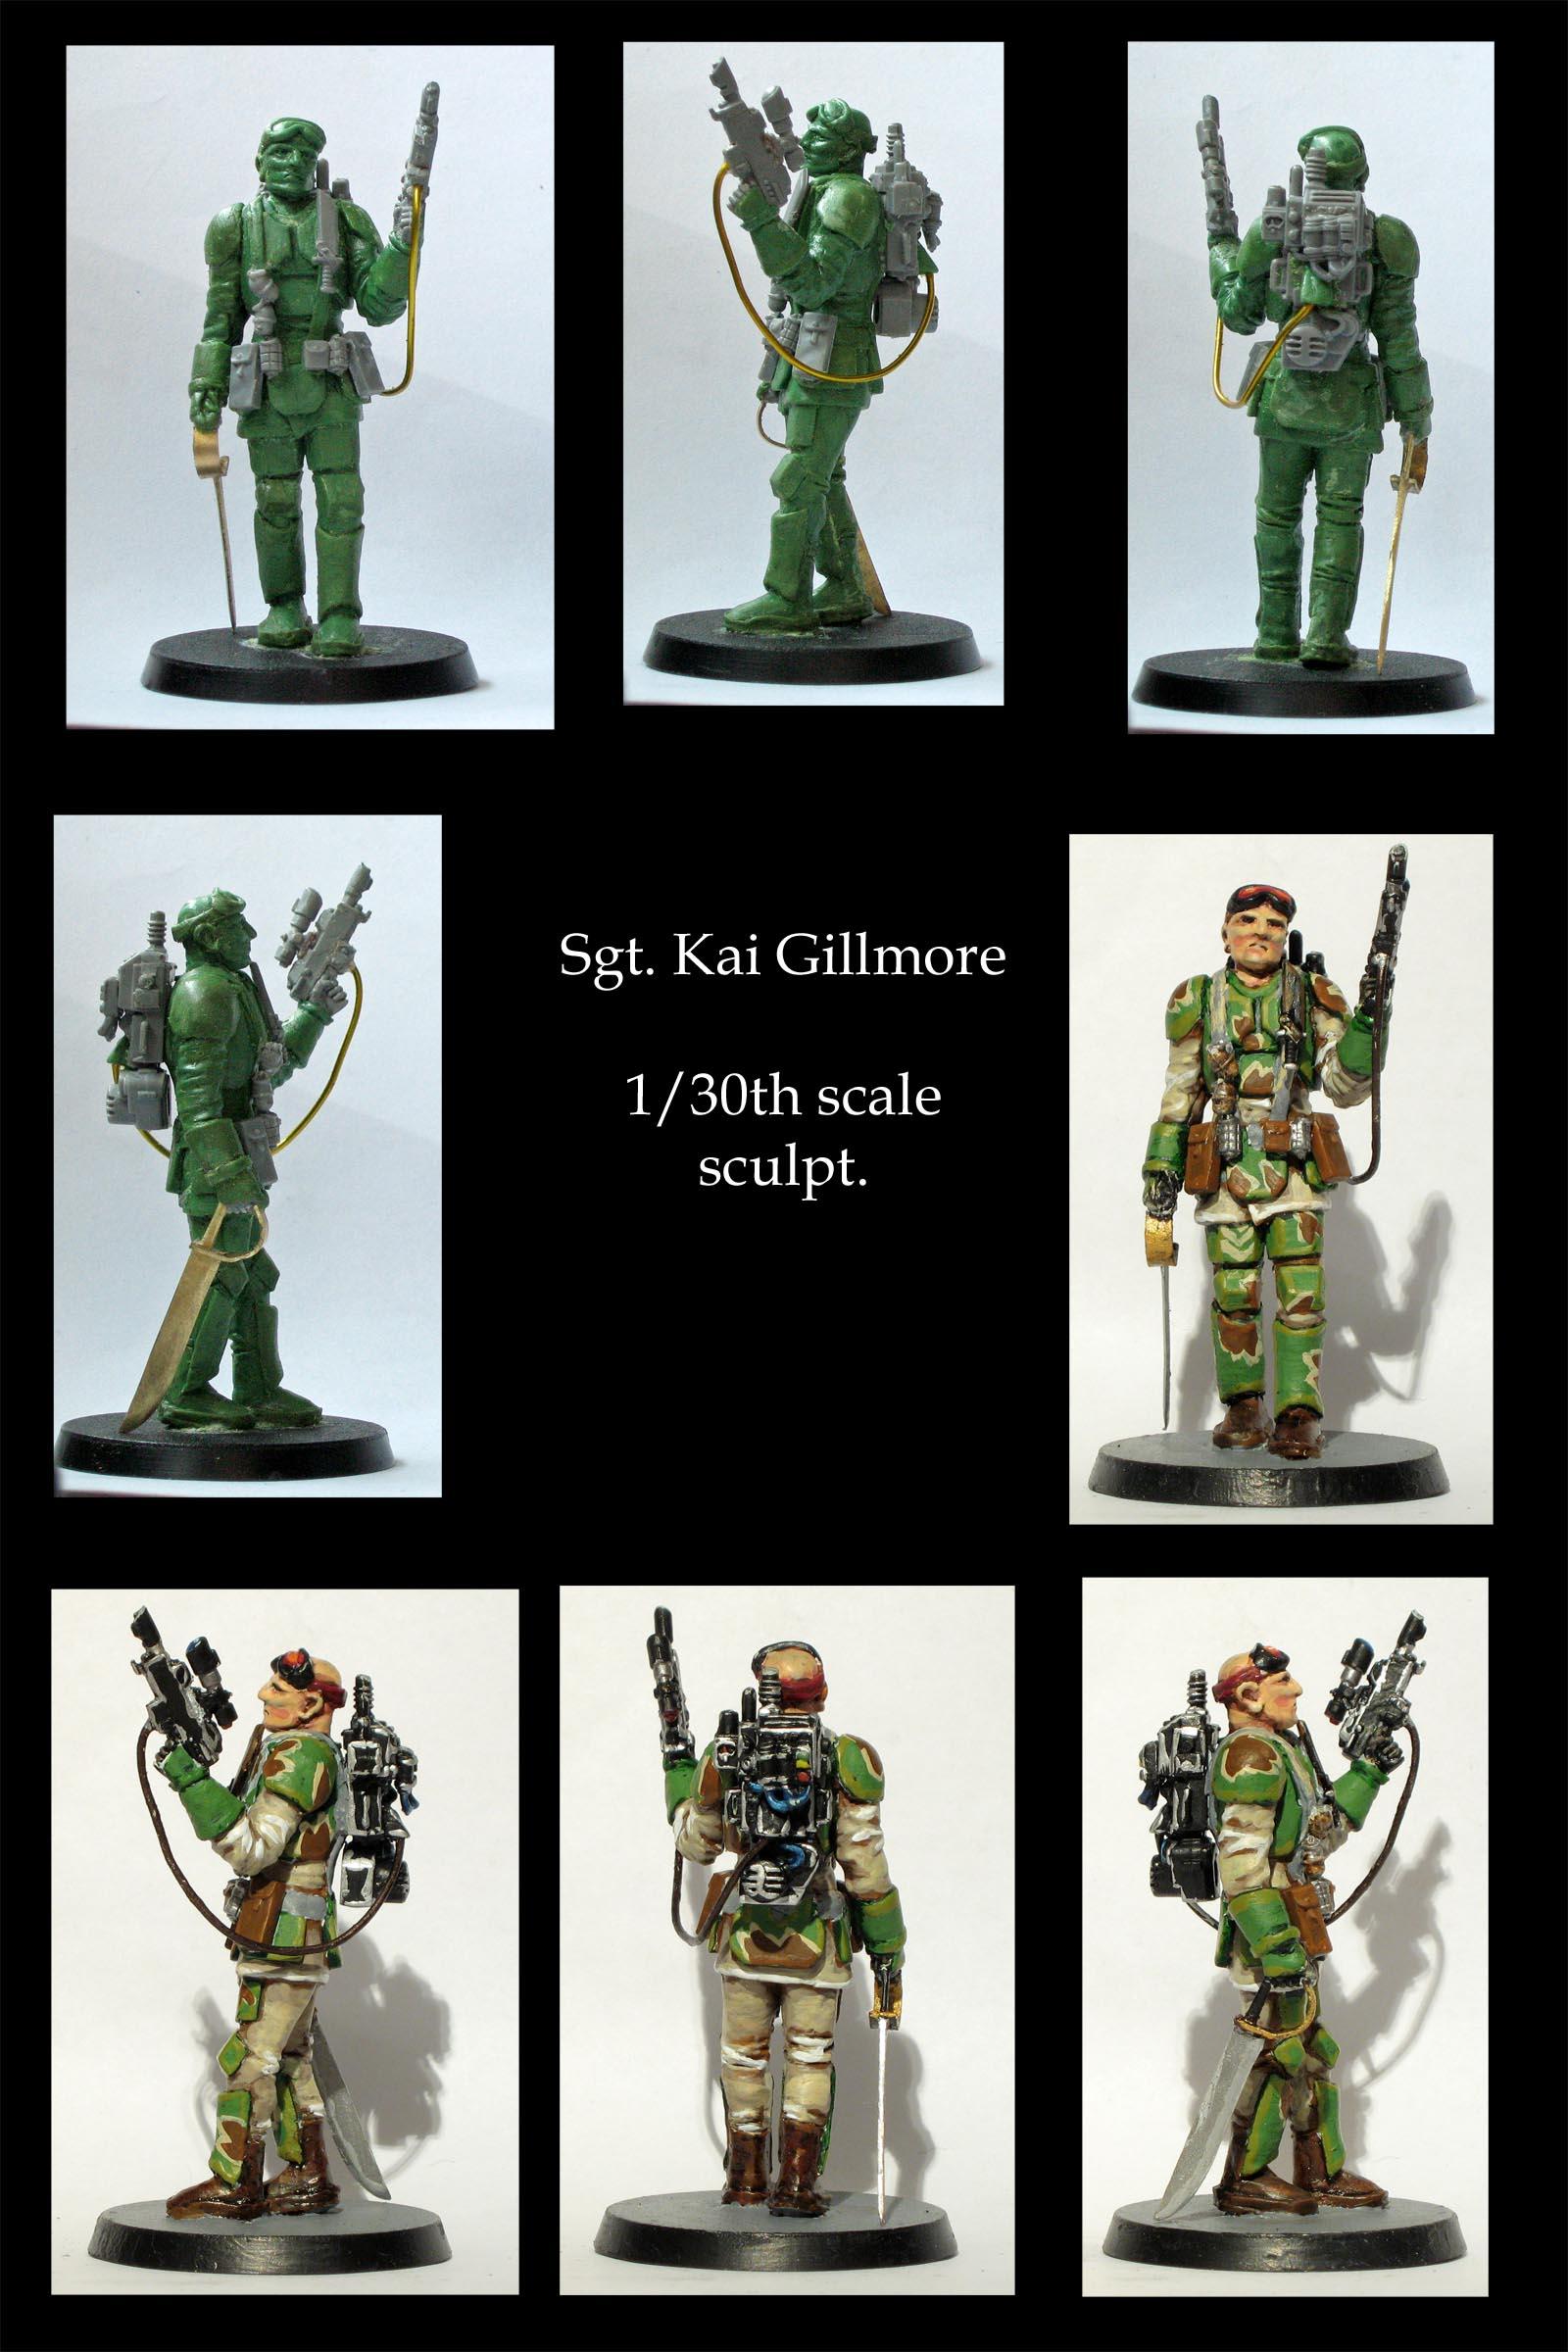 Sgt. Kai Gillmore